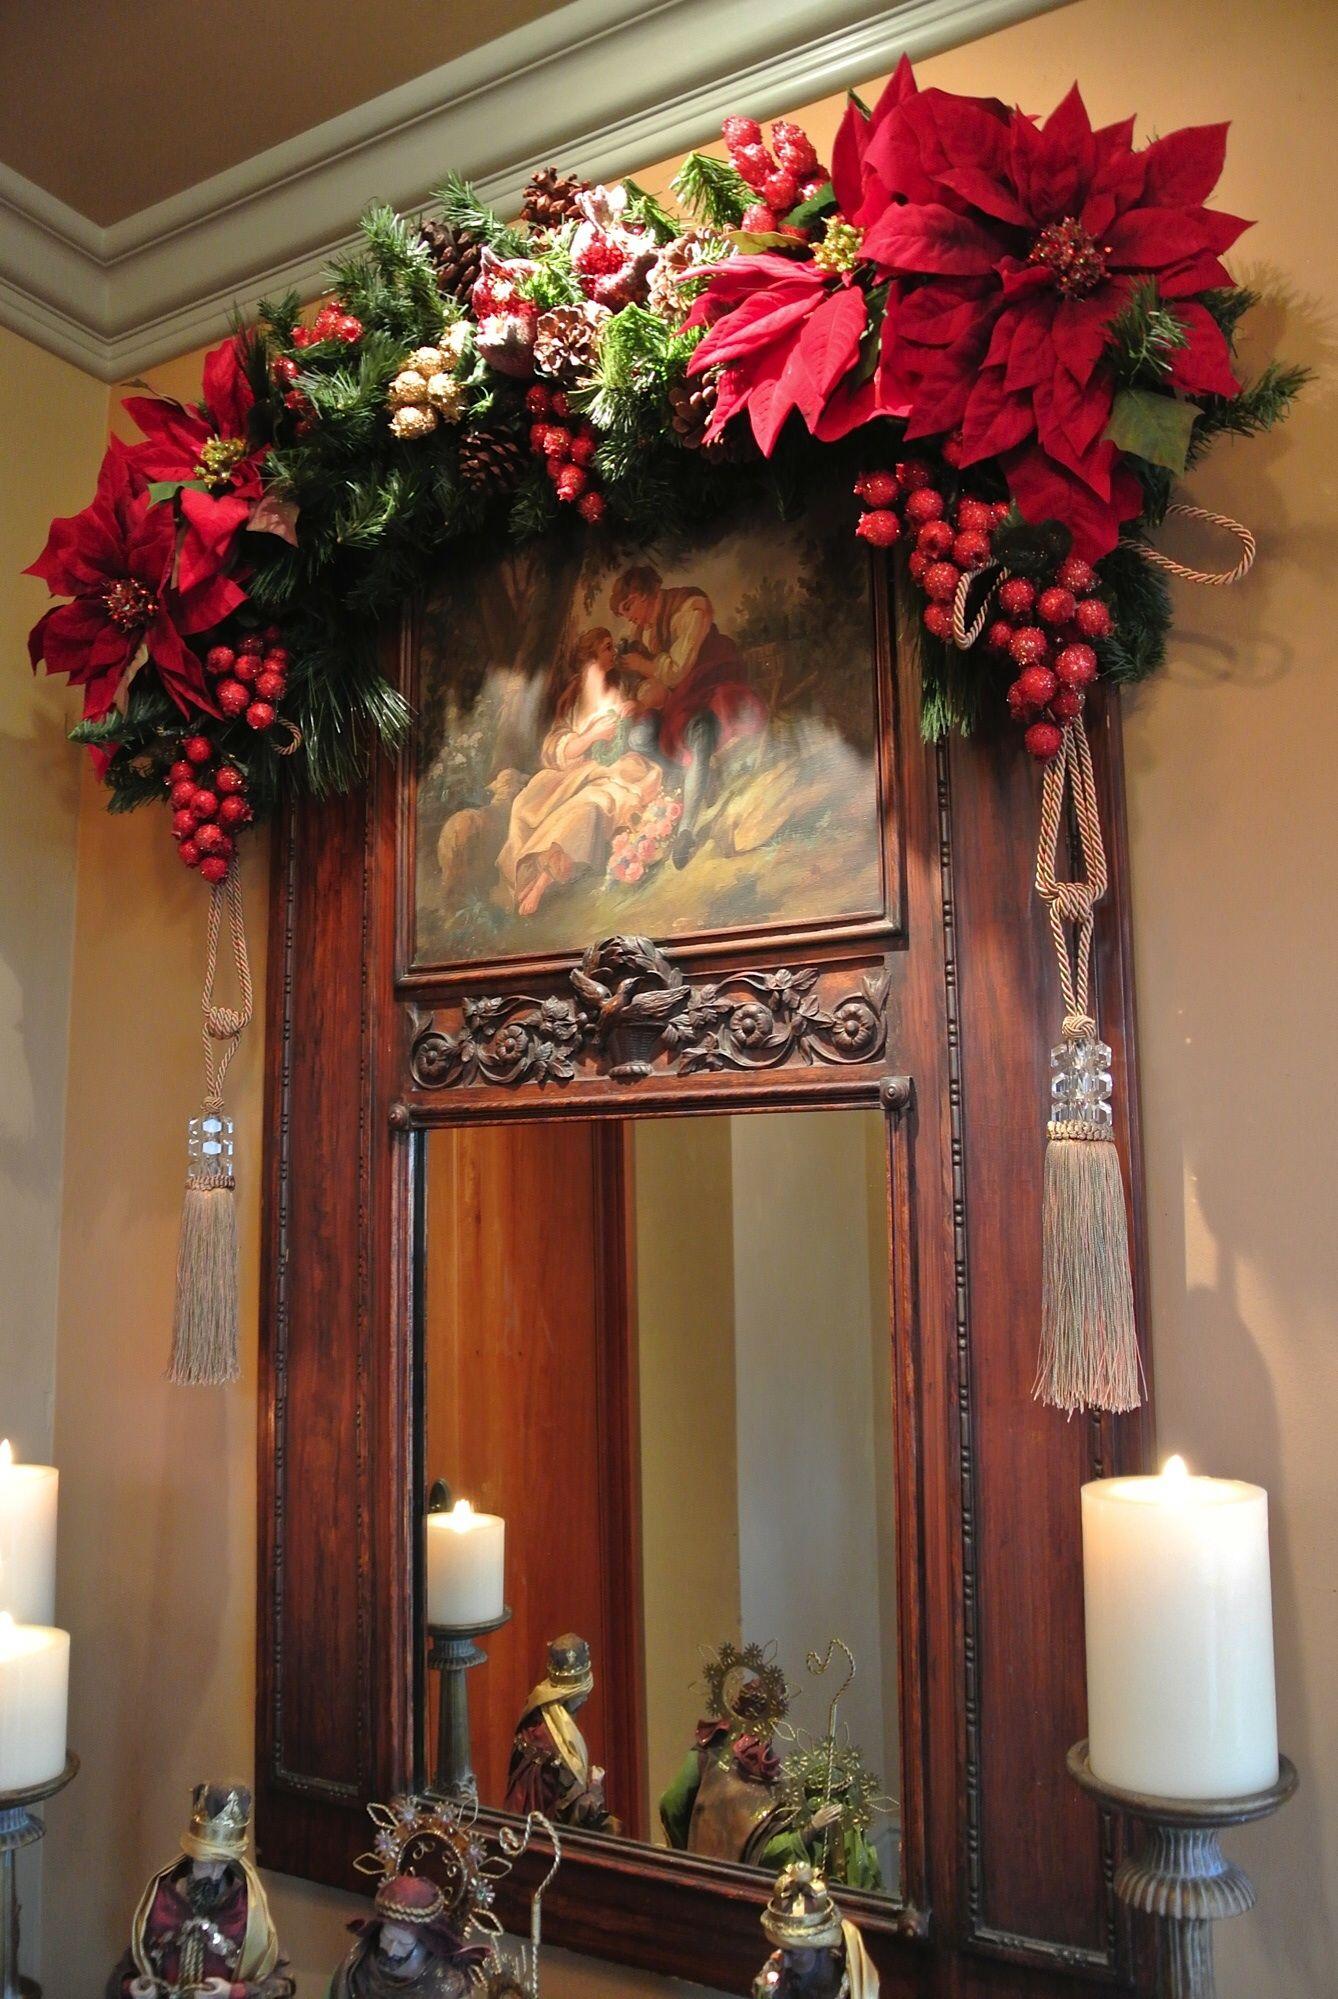 By leanne michael luxe lifestyle design christmas deco - Guirnaldas de navidad ...